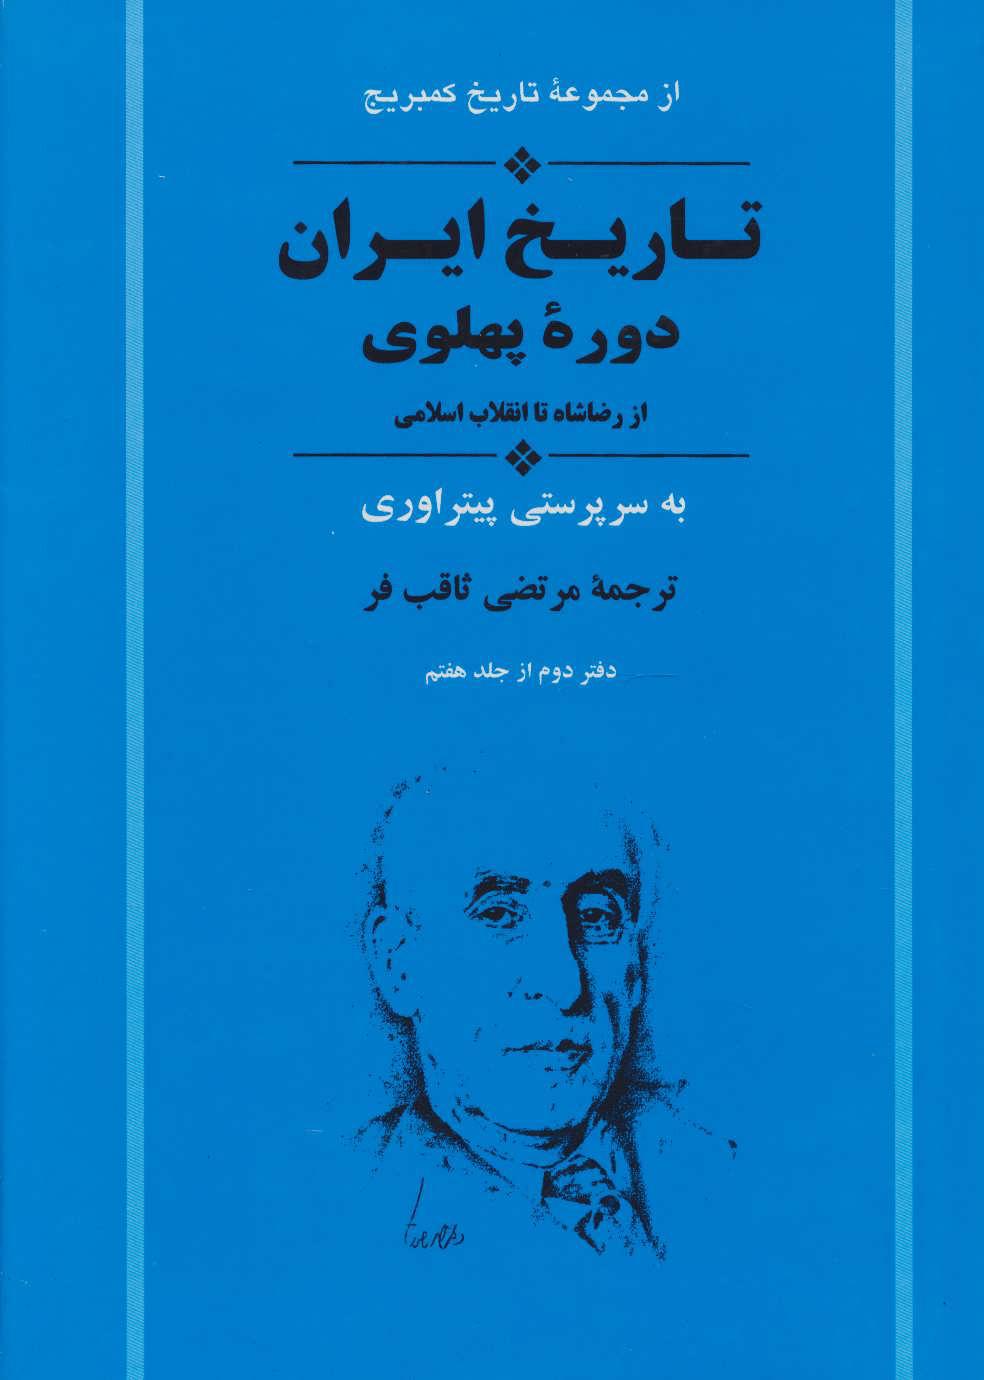 کتاب از مجموعه تاریخ کمبریج